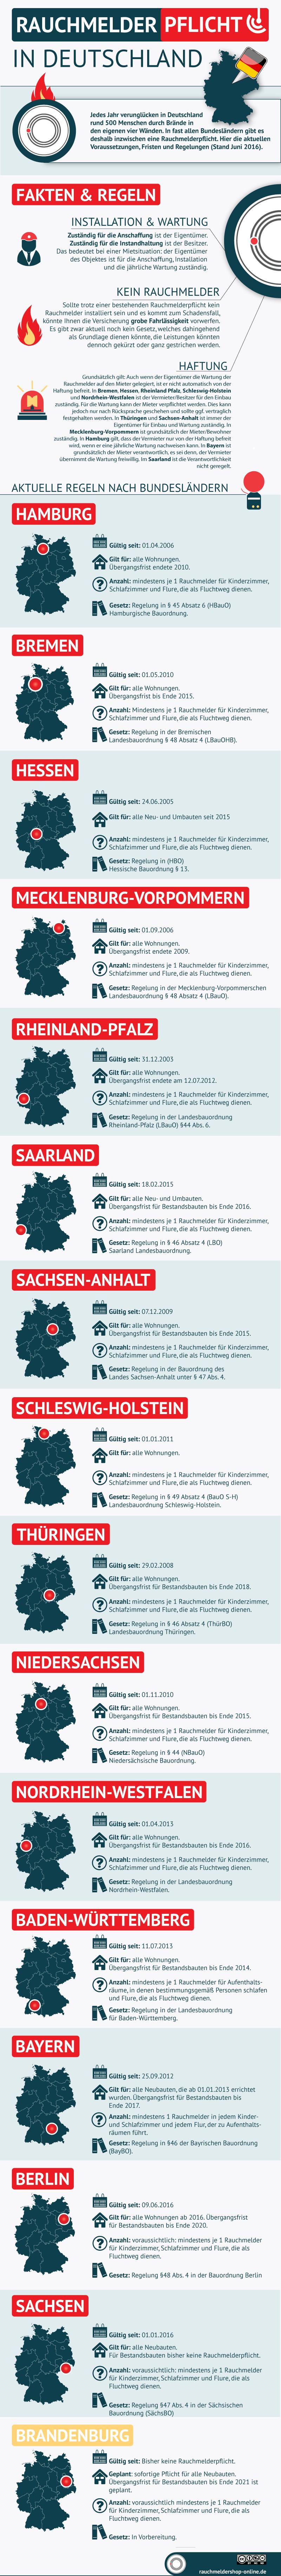 Rauchmelderpflicht in Deutschland